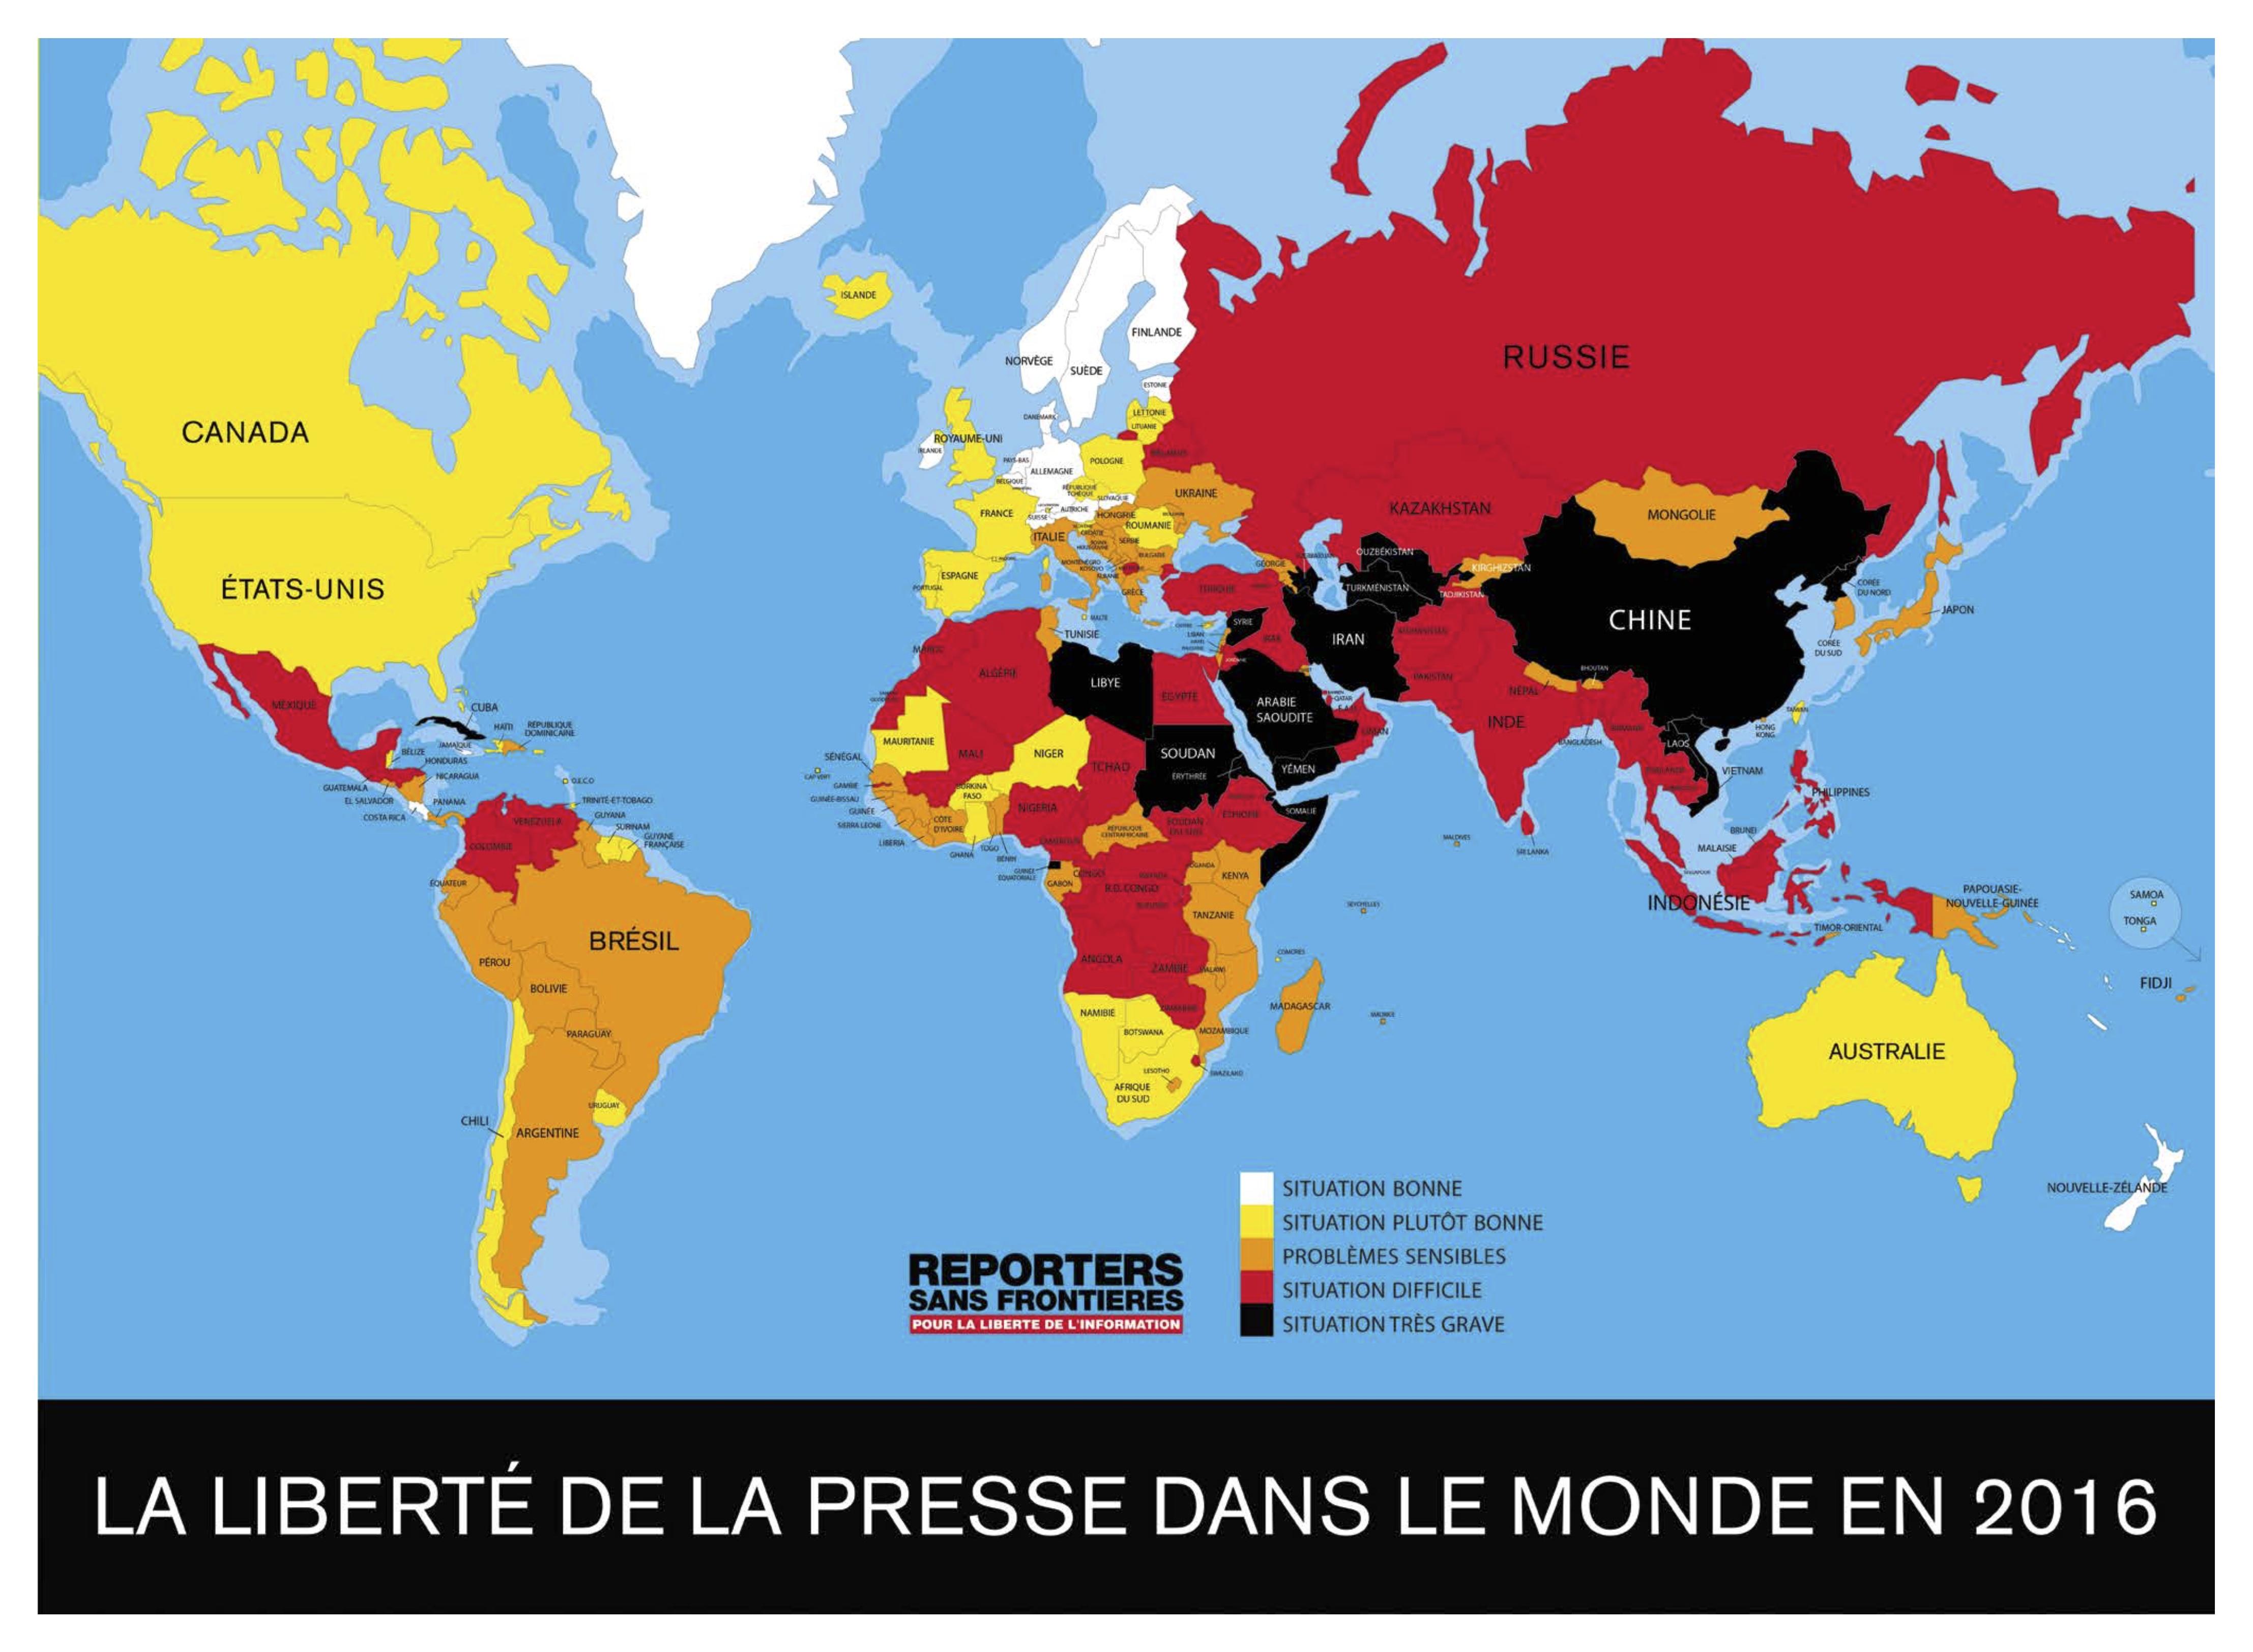 Classement mondial de la liberté de la presse 2016 : la paranoïa des dirigeants contre les journalistes